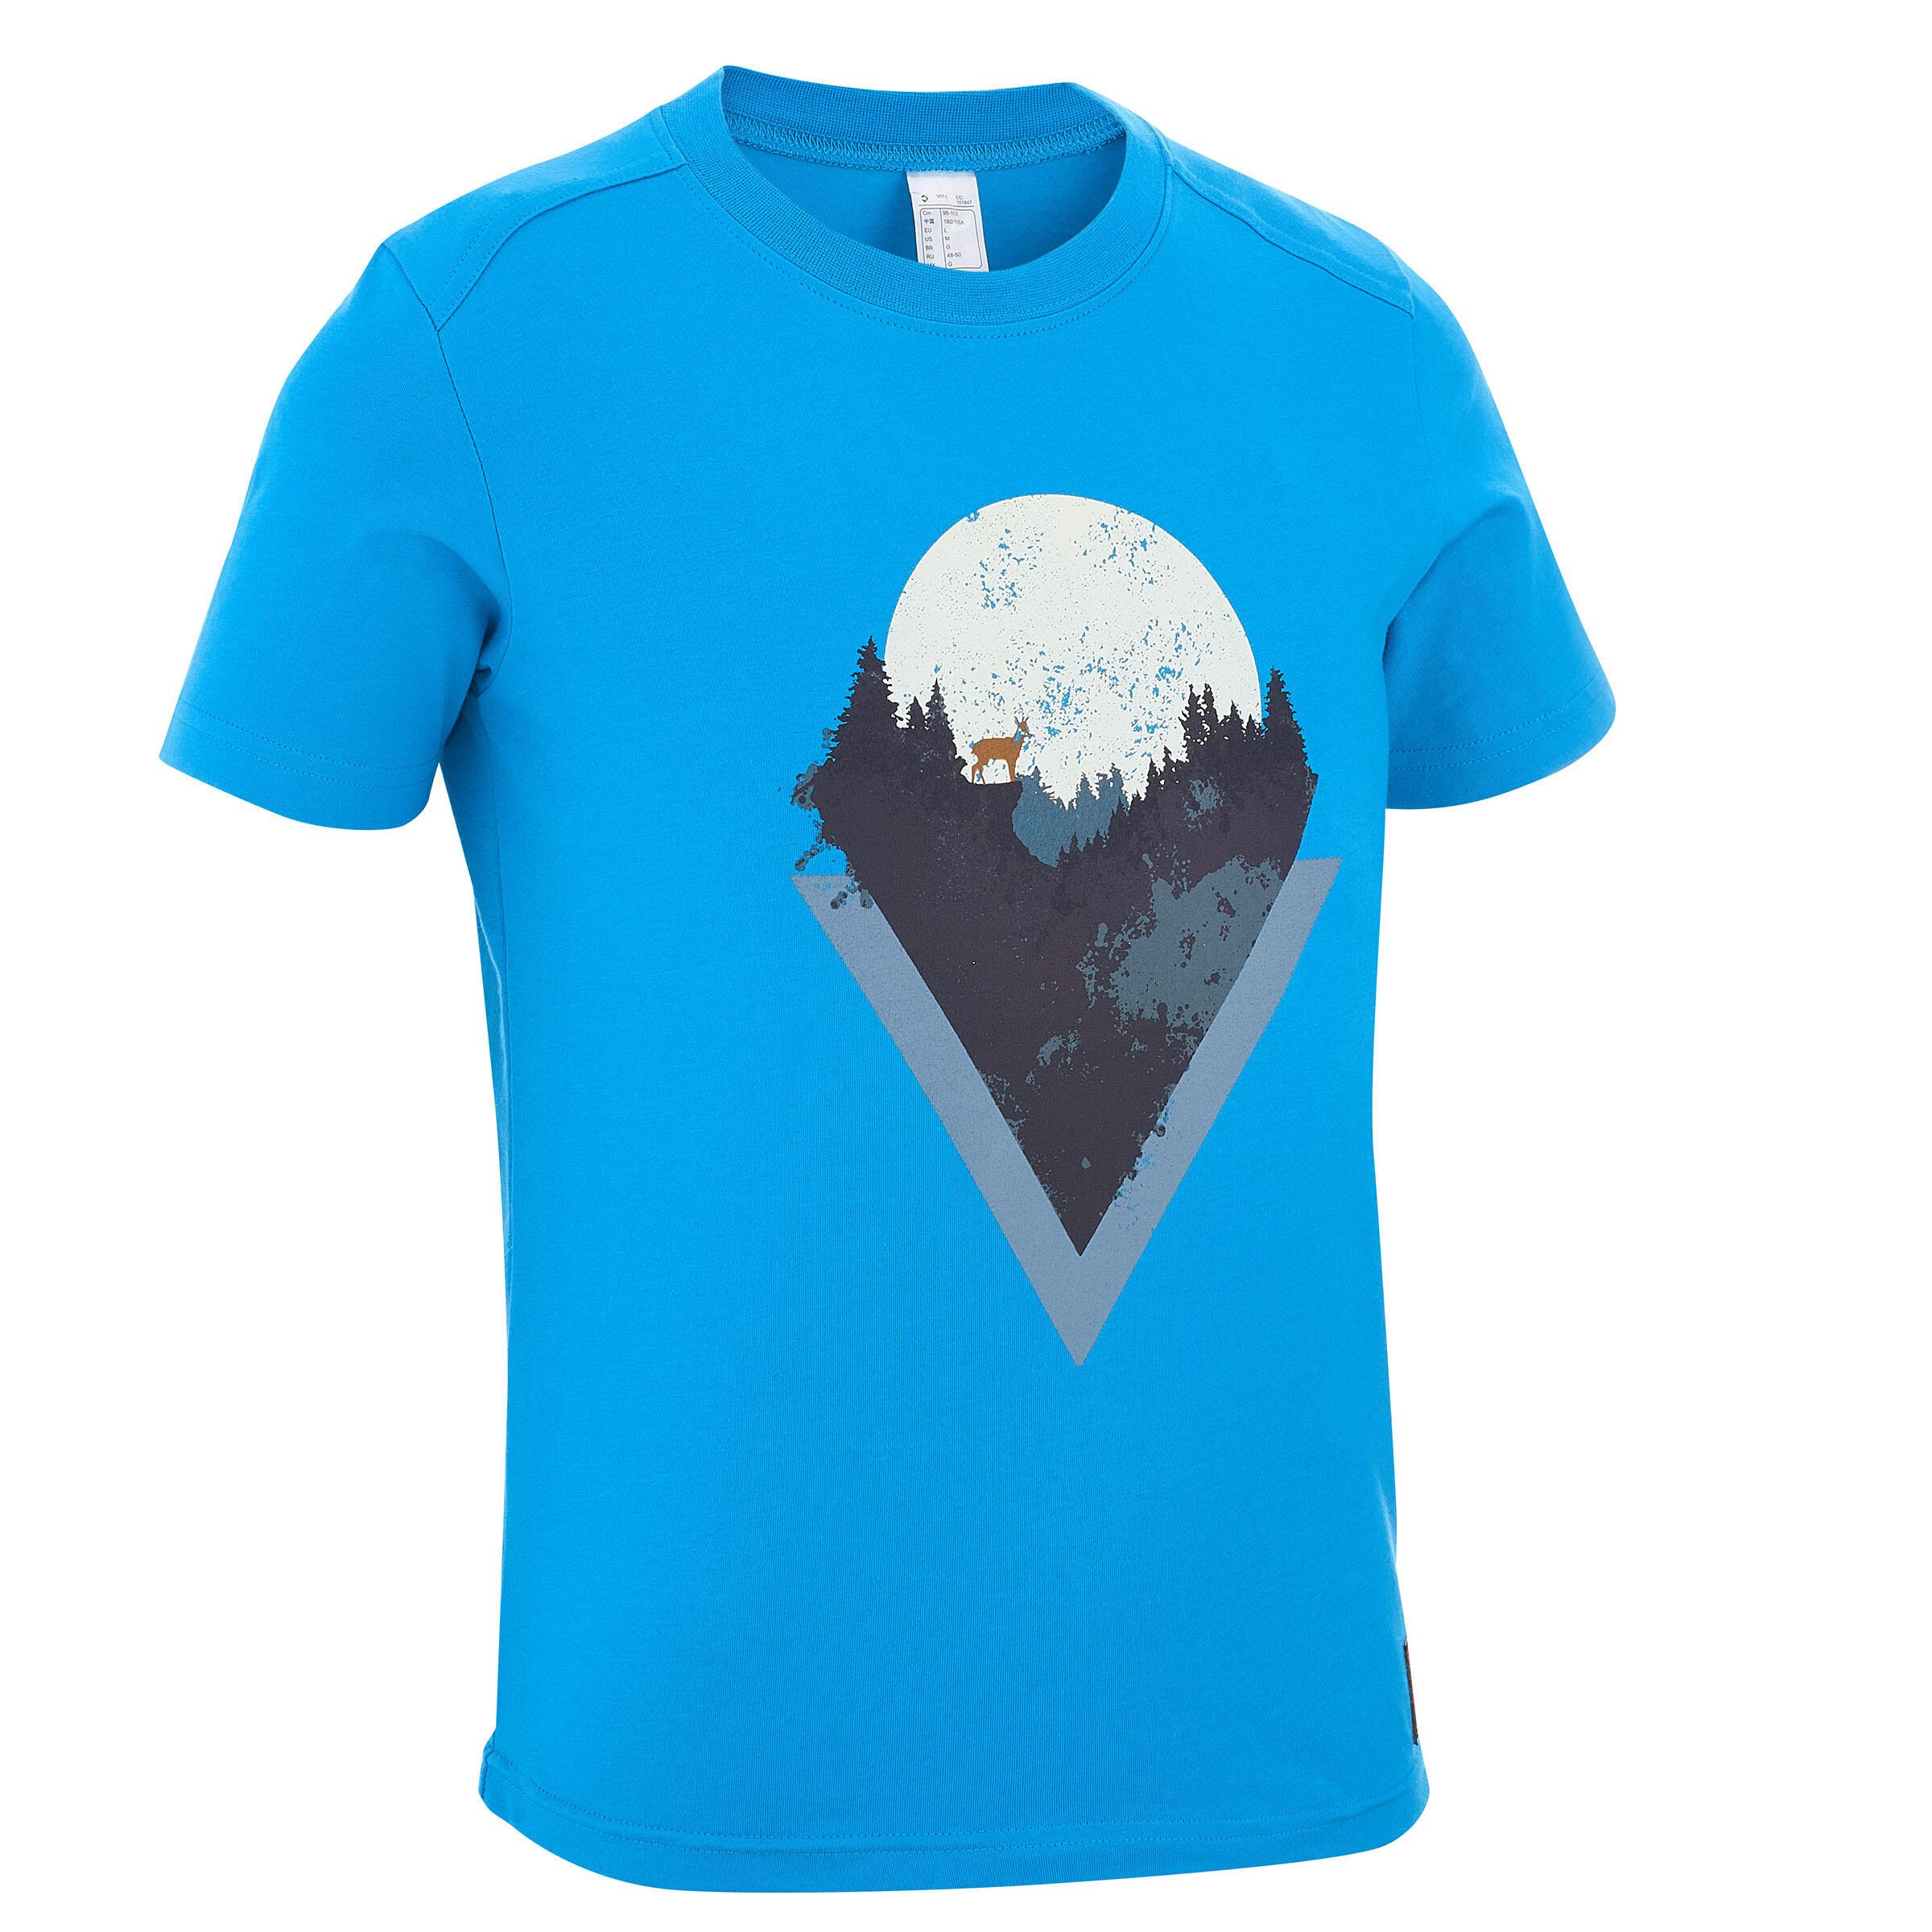 Quechua Wandel T-shirt voor kinderen Hike 500